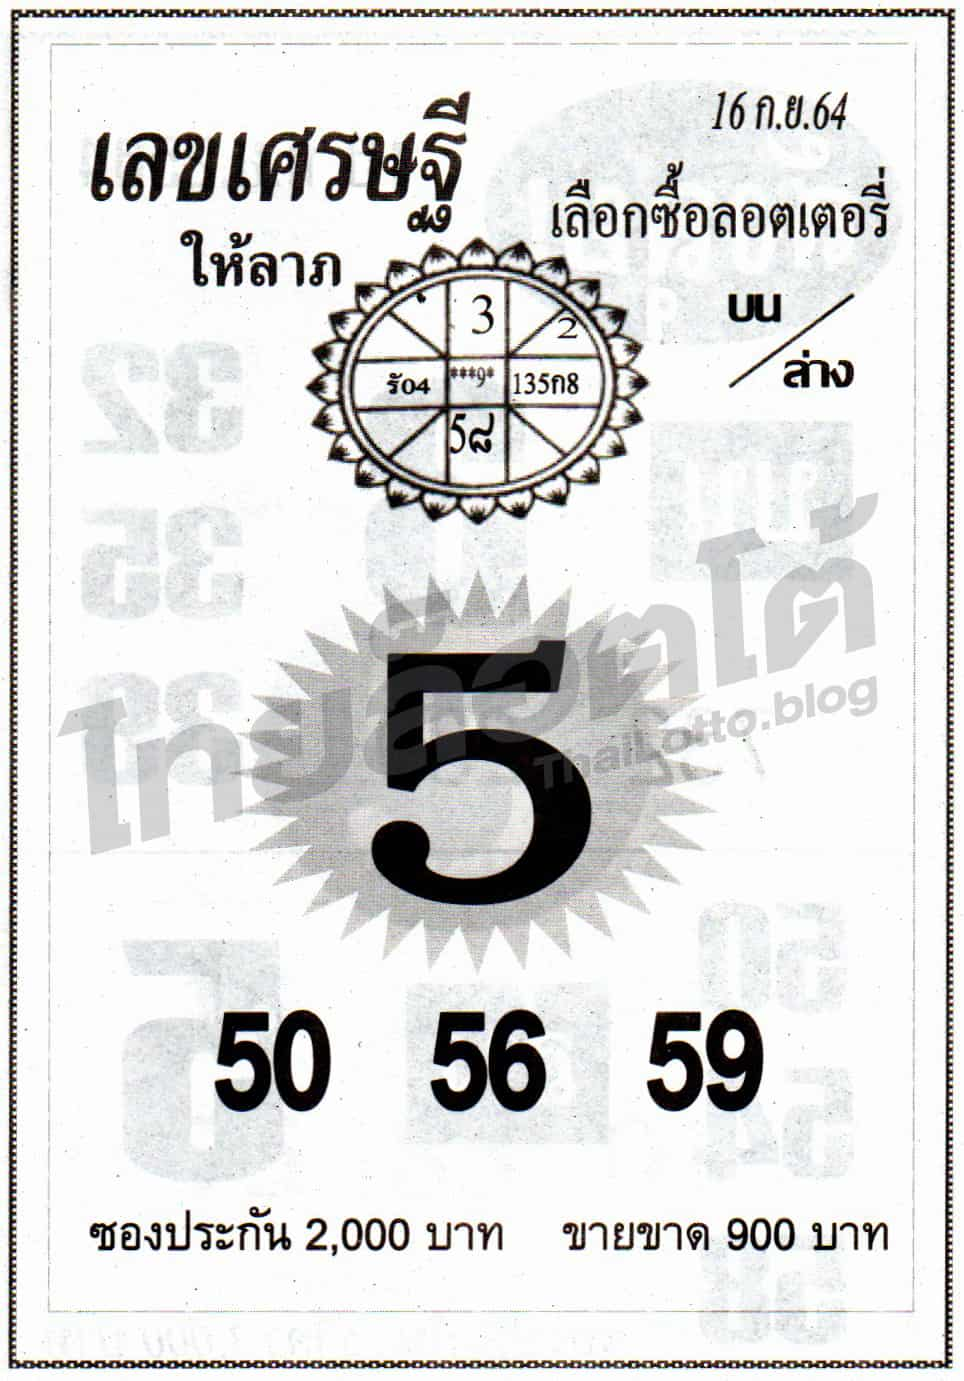 หวยซอง หวยเลขเศรษฐีให้ลาภ-160964